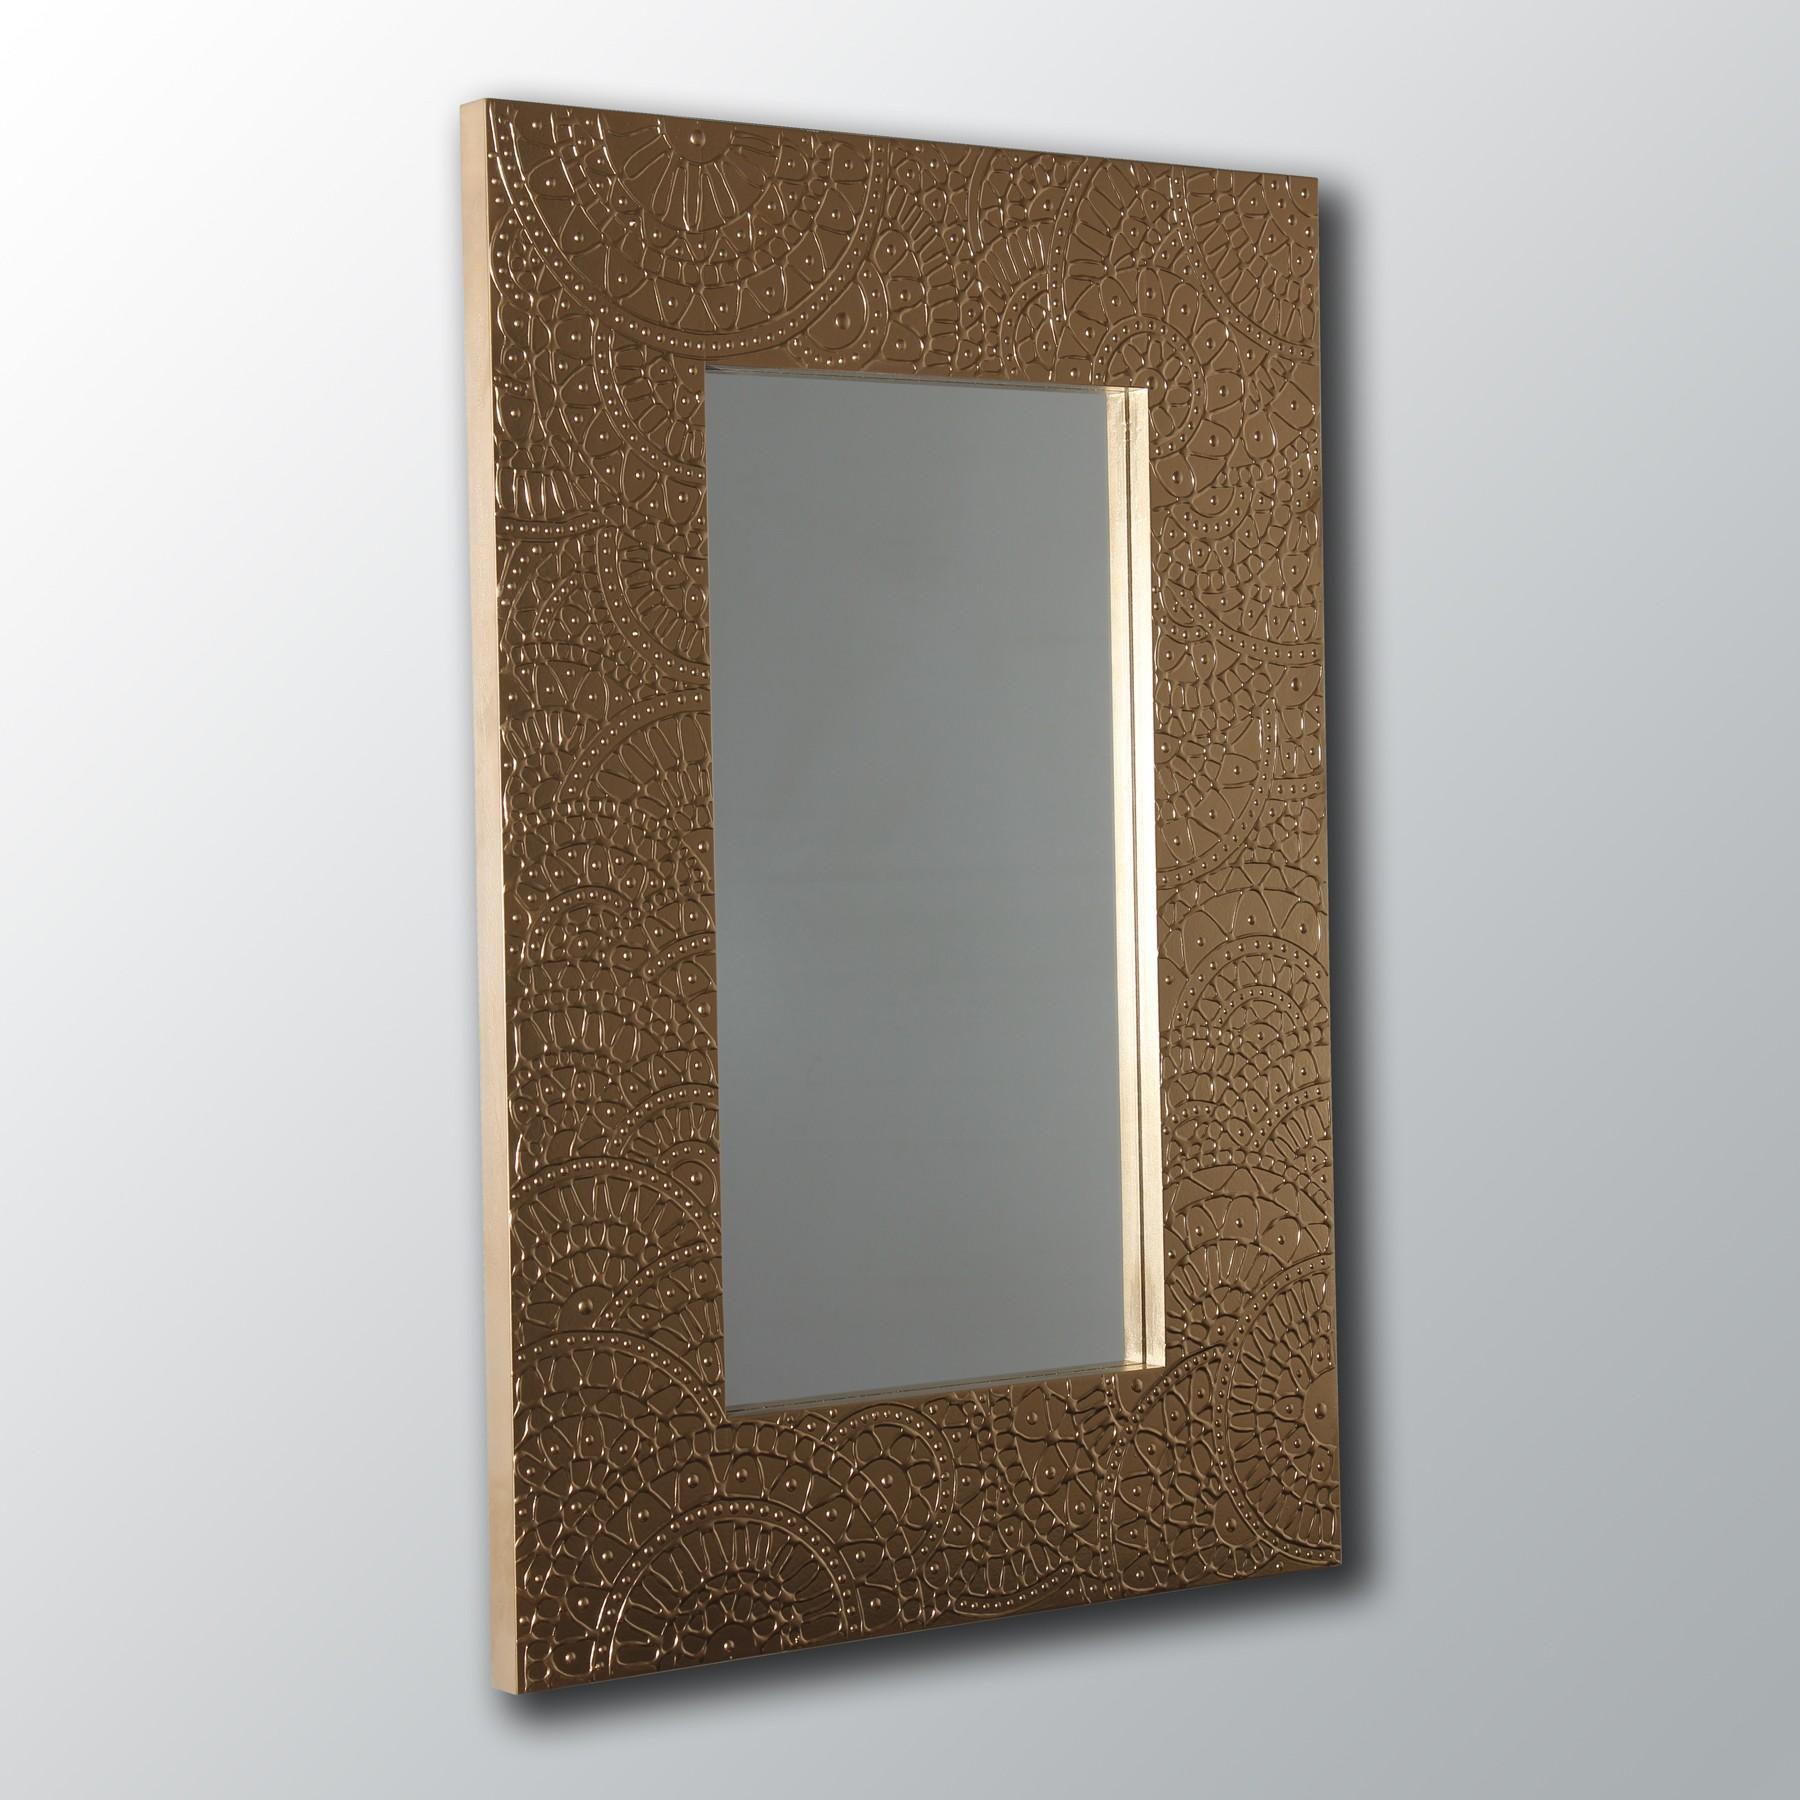 Espejo artesanal de pared hecho a mano modelo sahara for Modelos de espejos decorativos